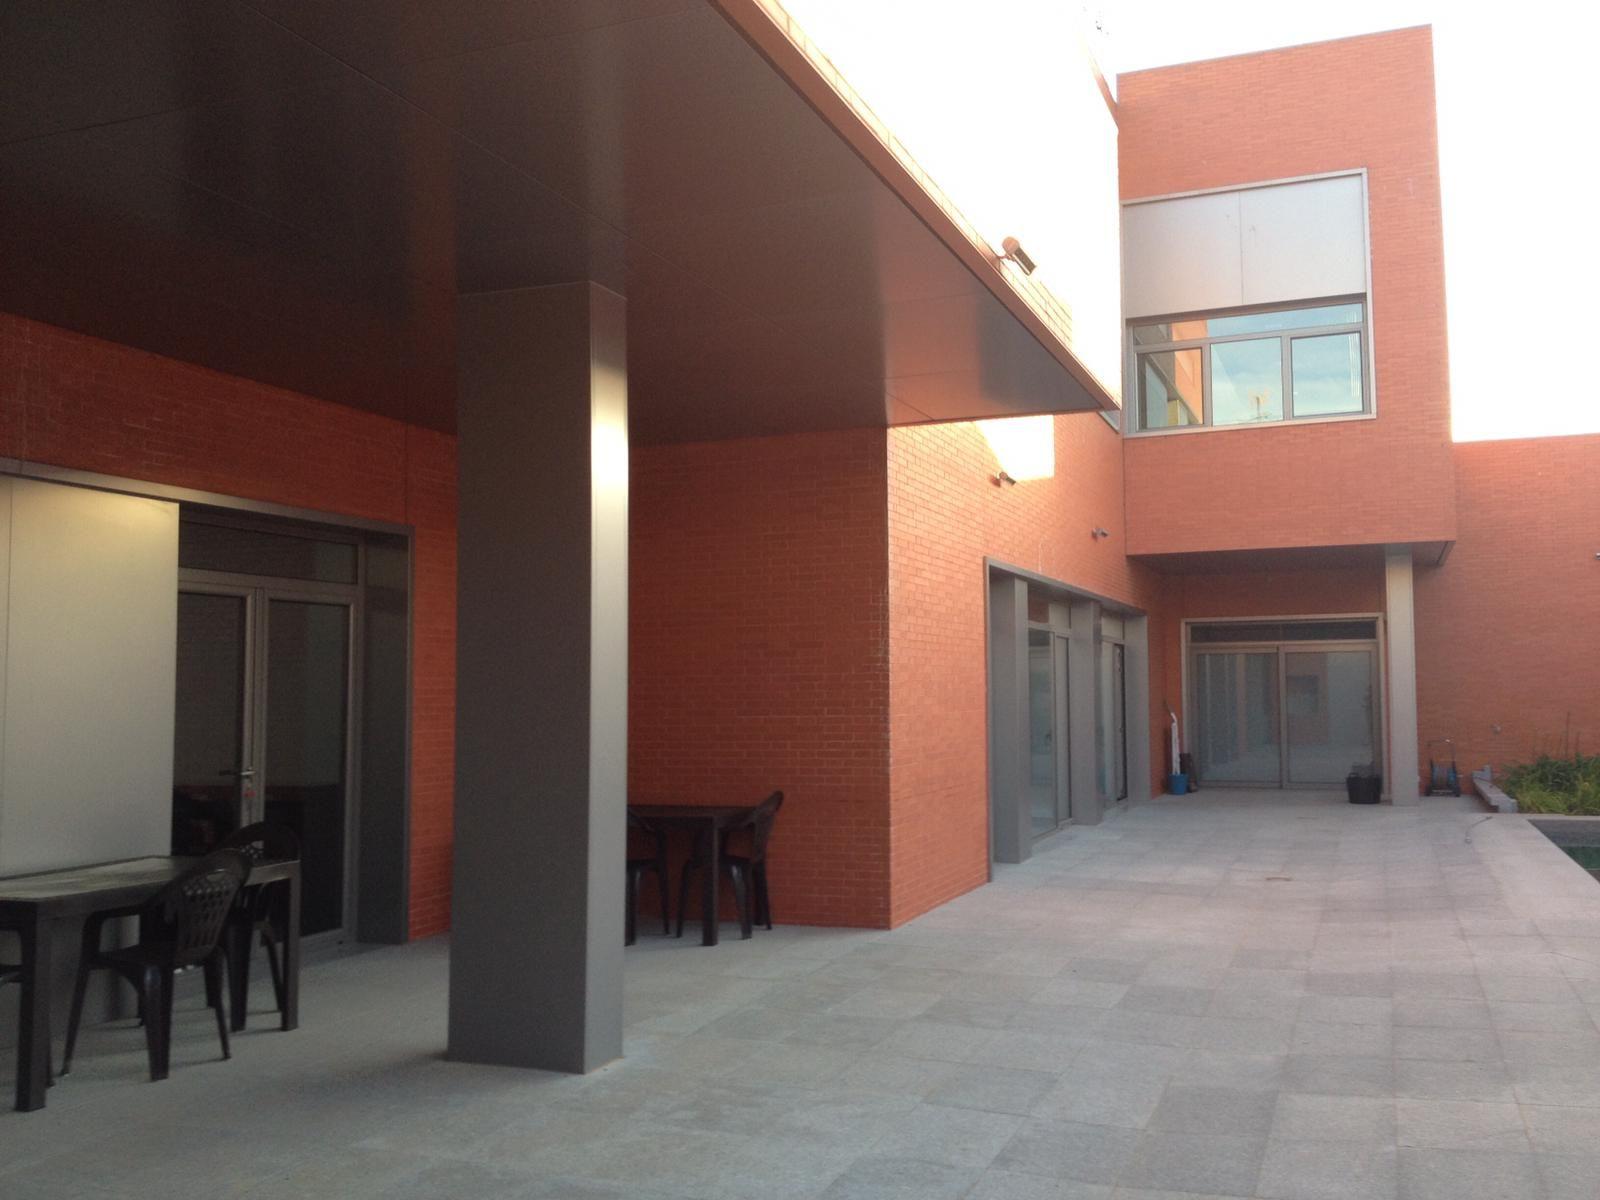 Ejecución integral de obras en Valencia